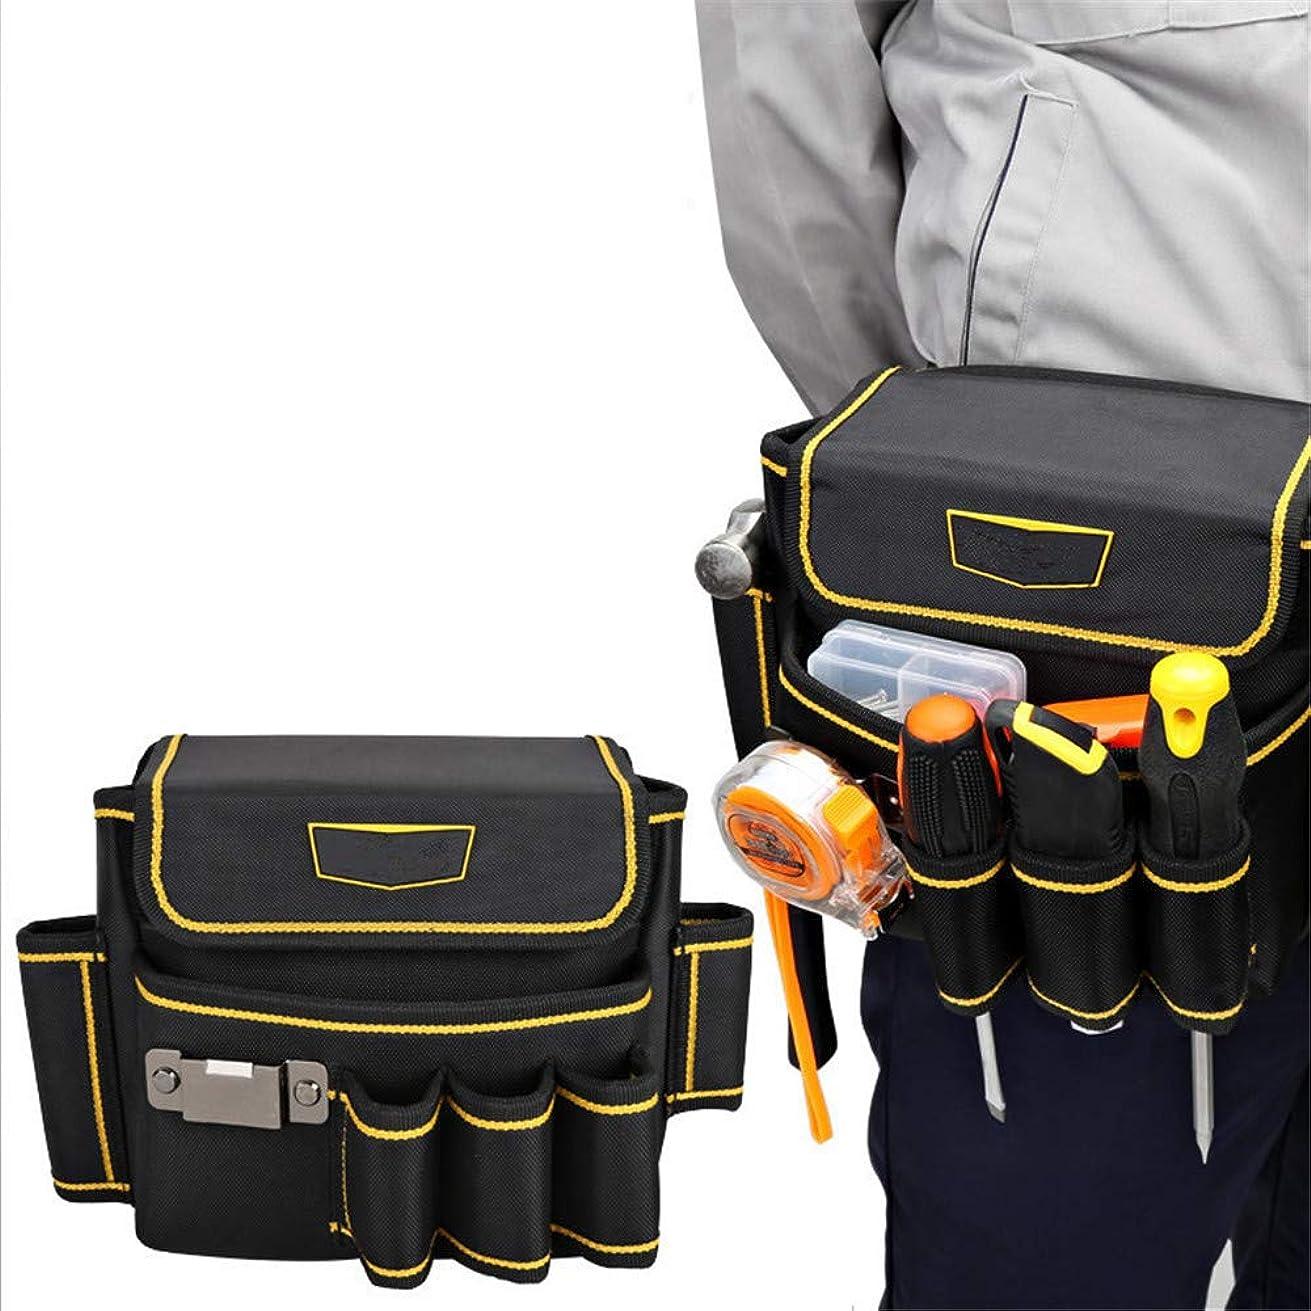 レンダーフォーカスおじさんガーデンバッグ ツールポケット多機能修復ツールバッグ小さな厚いキャンバス電動ガーデンベルトツールキット 芝生や庭ごみ用